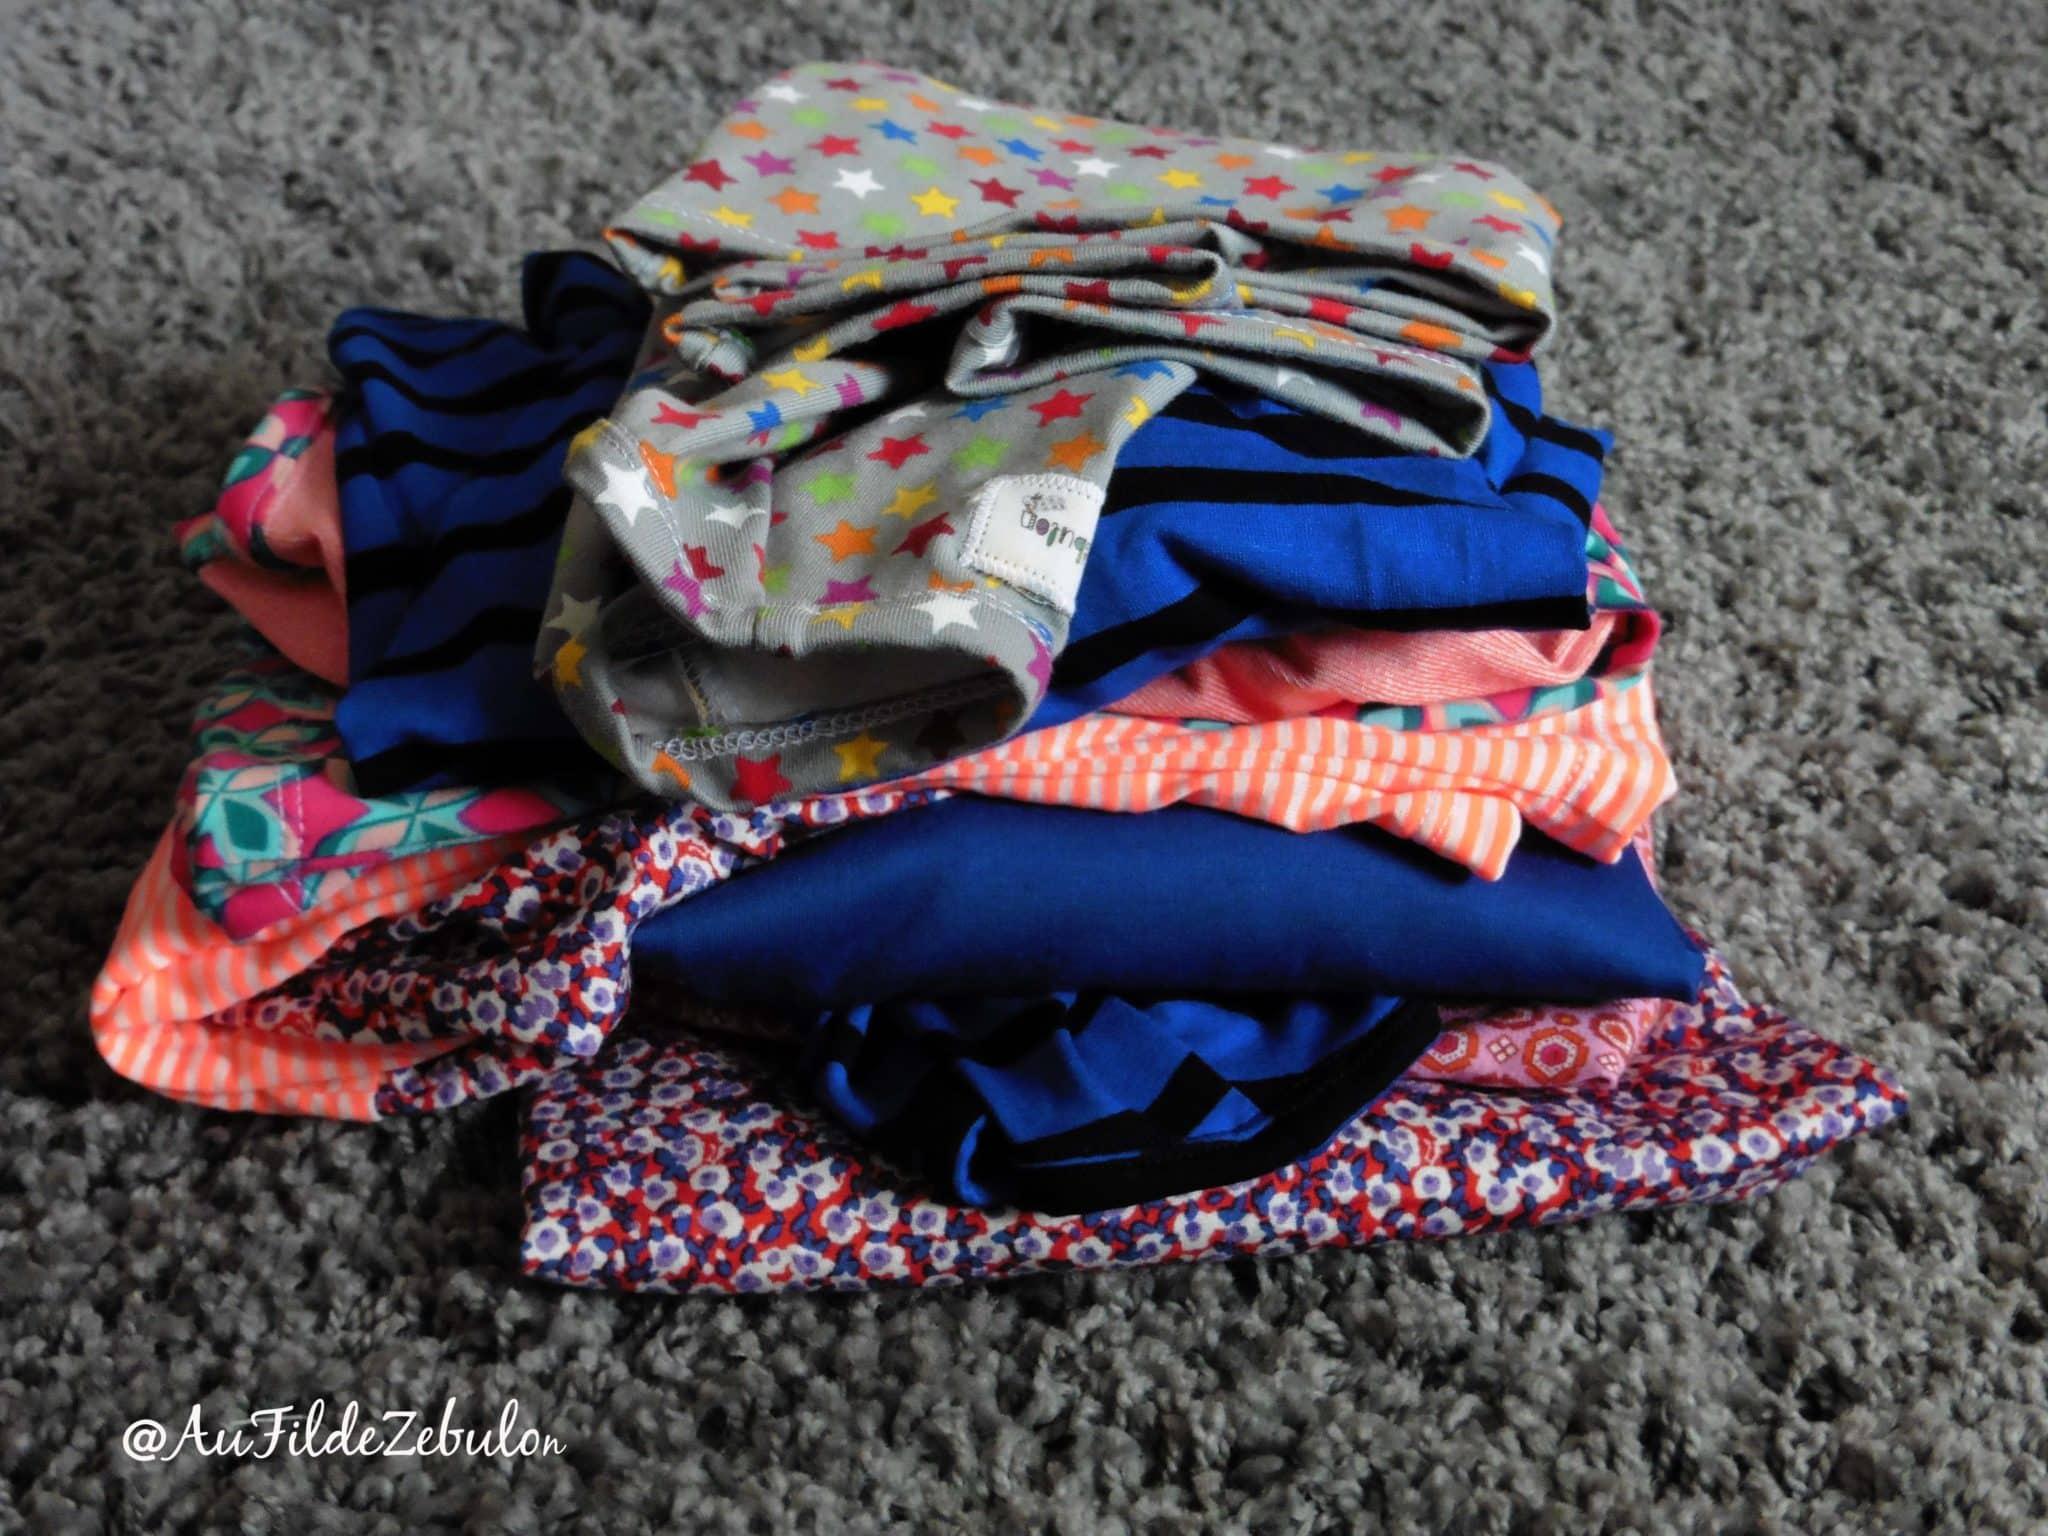 Déclinaison de tee shirts